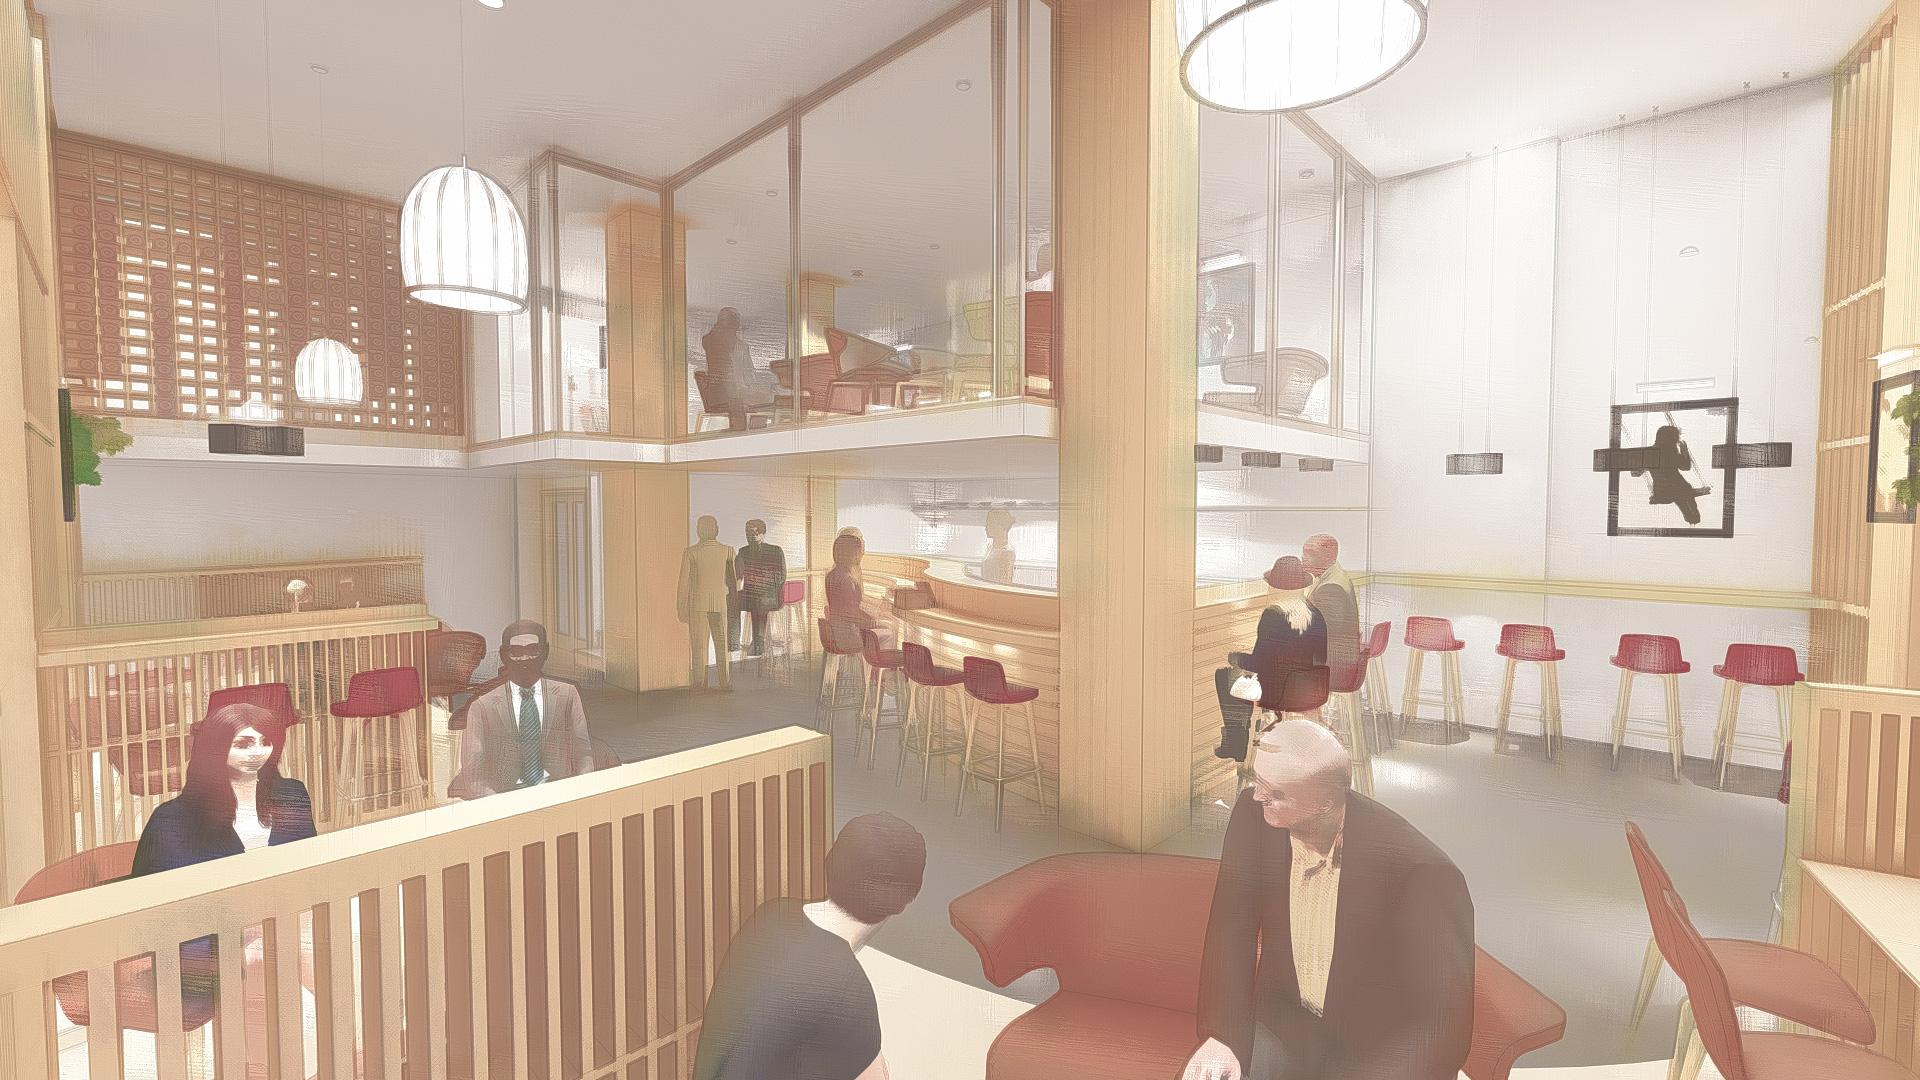 Diseño de interior para proyecto de bar en Jerez version 2